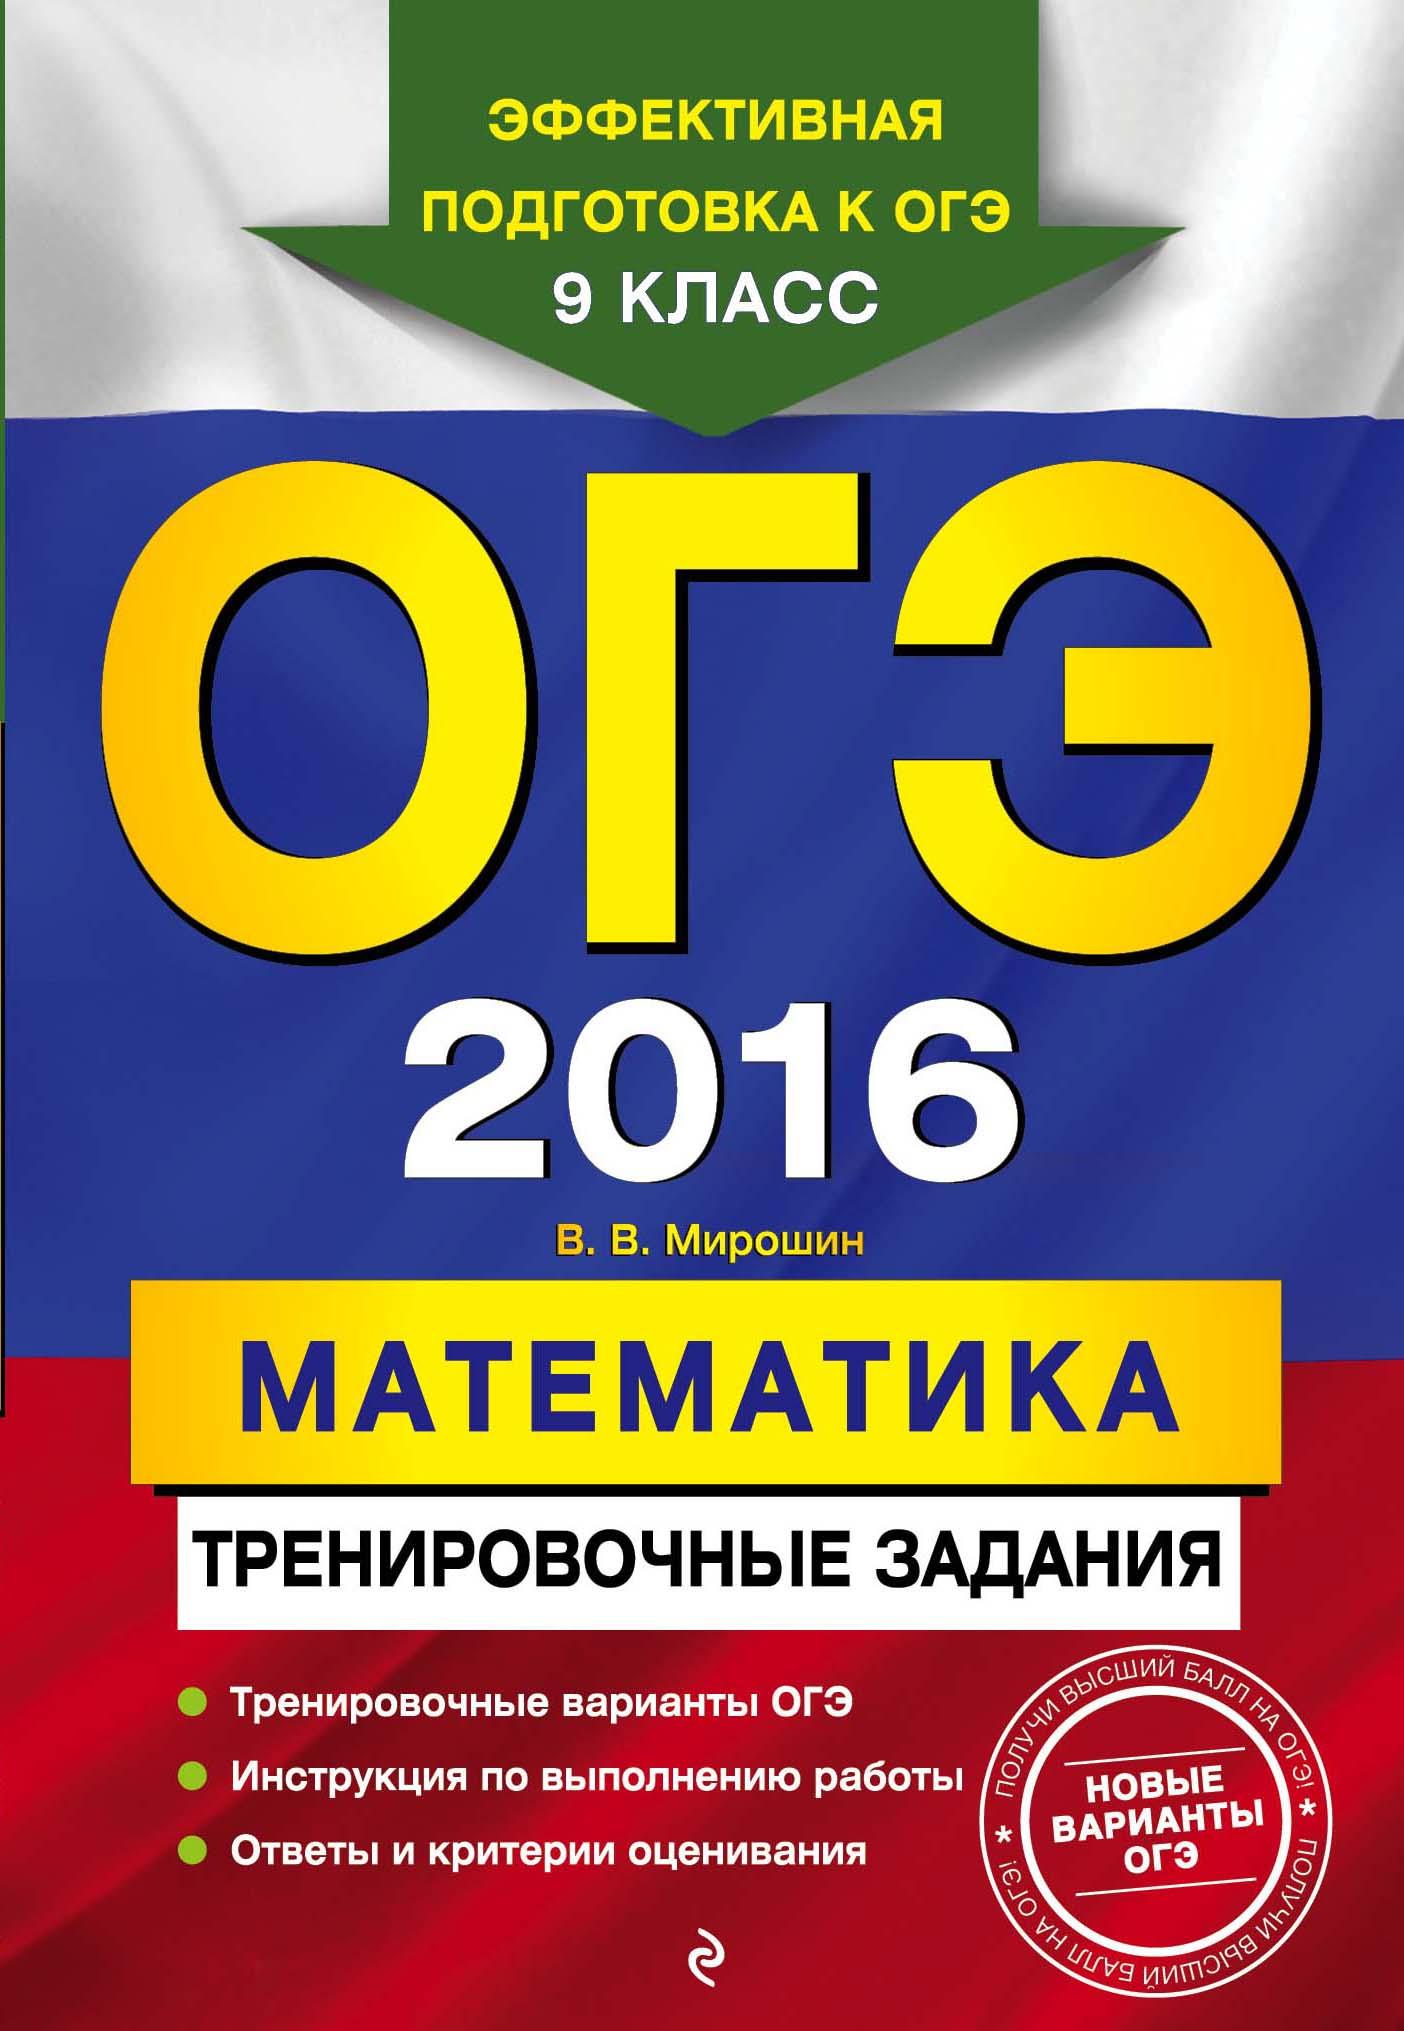 ОГЭ-2016. Математика: тренировочные задания от book24.ru